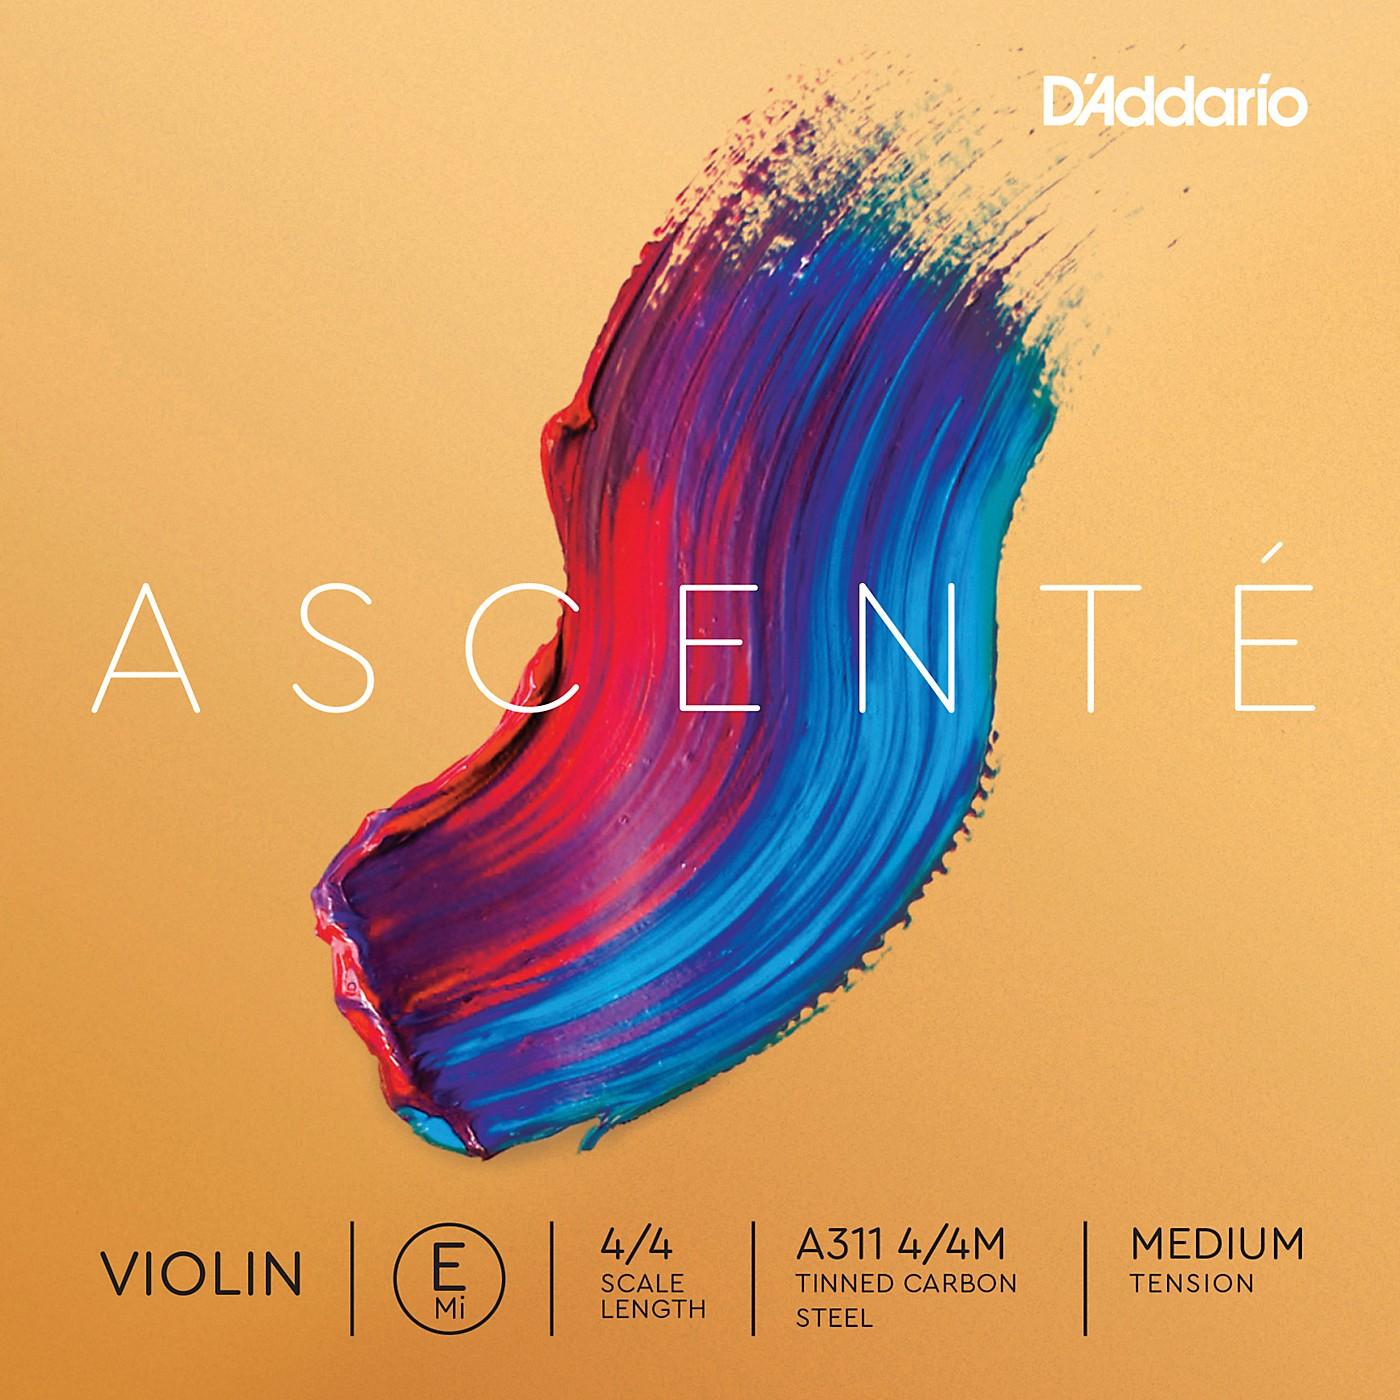 D'Addario Ascente Violin E String thumbnail